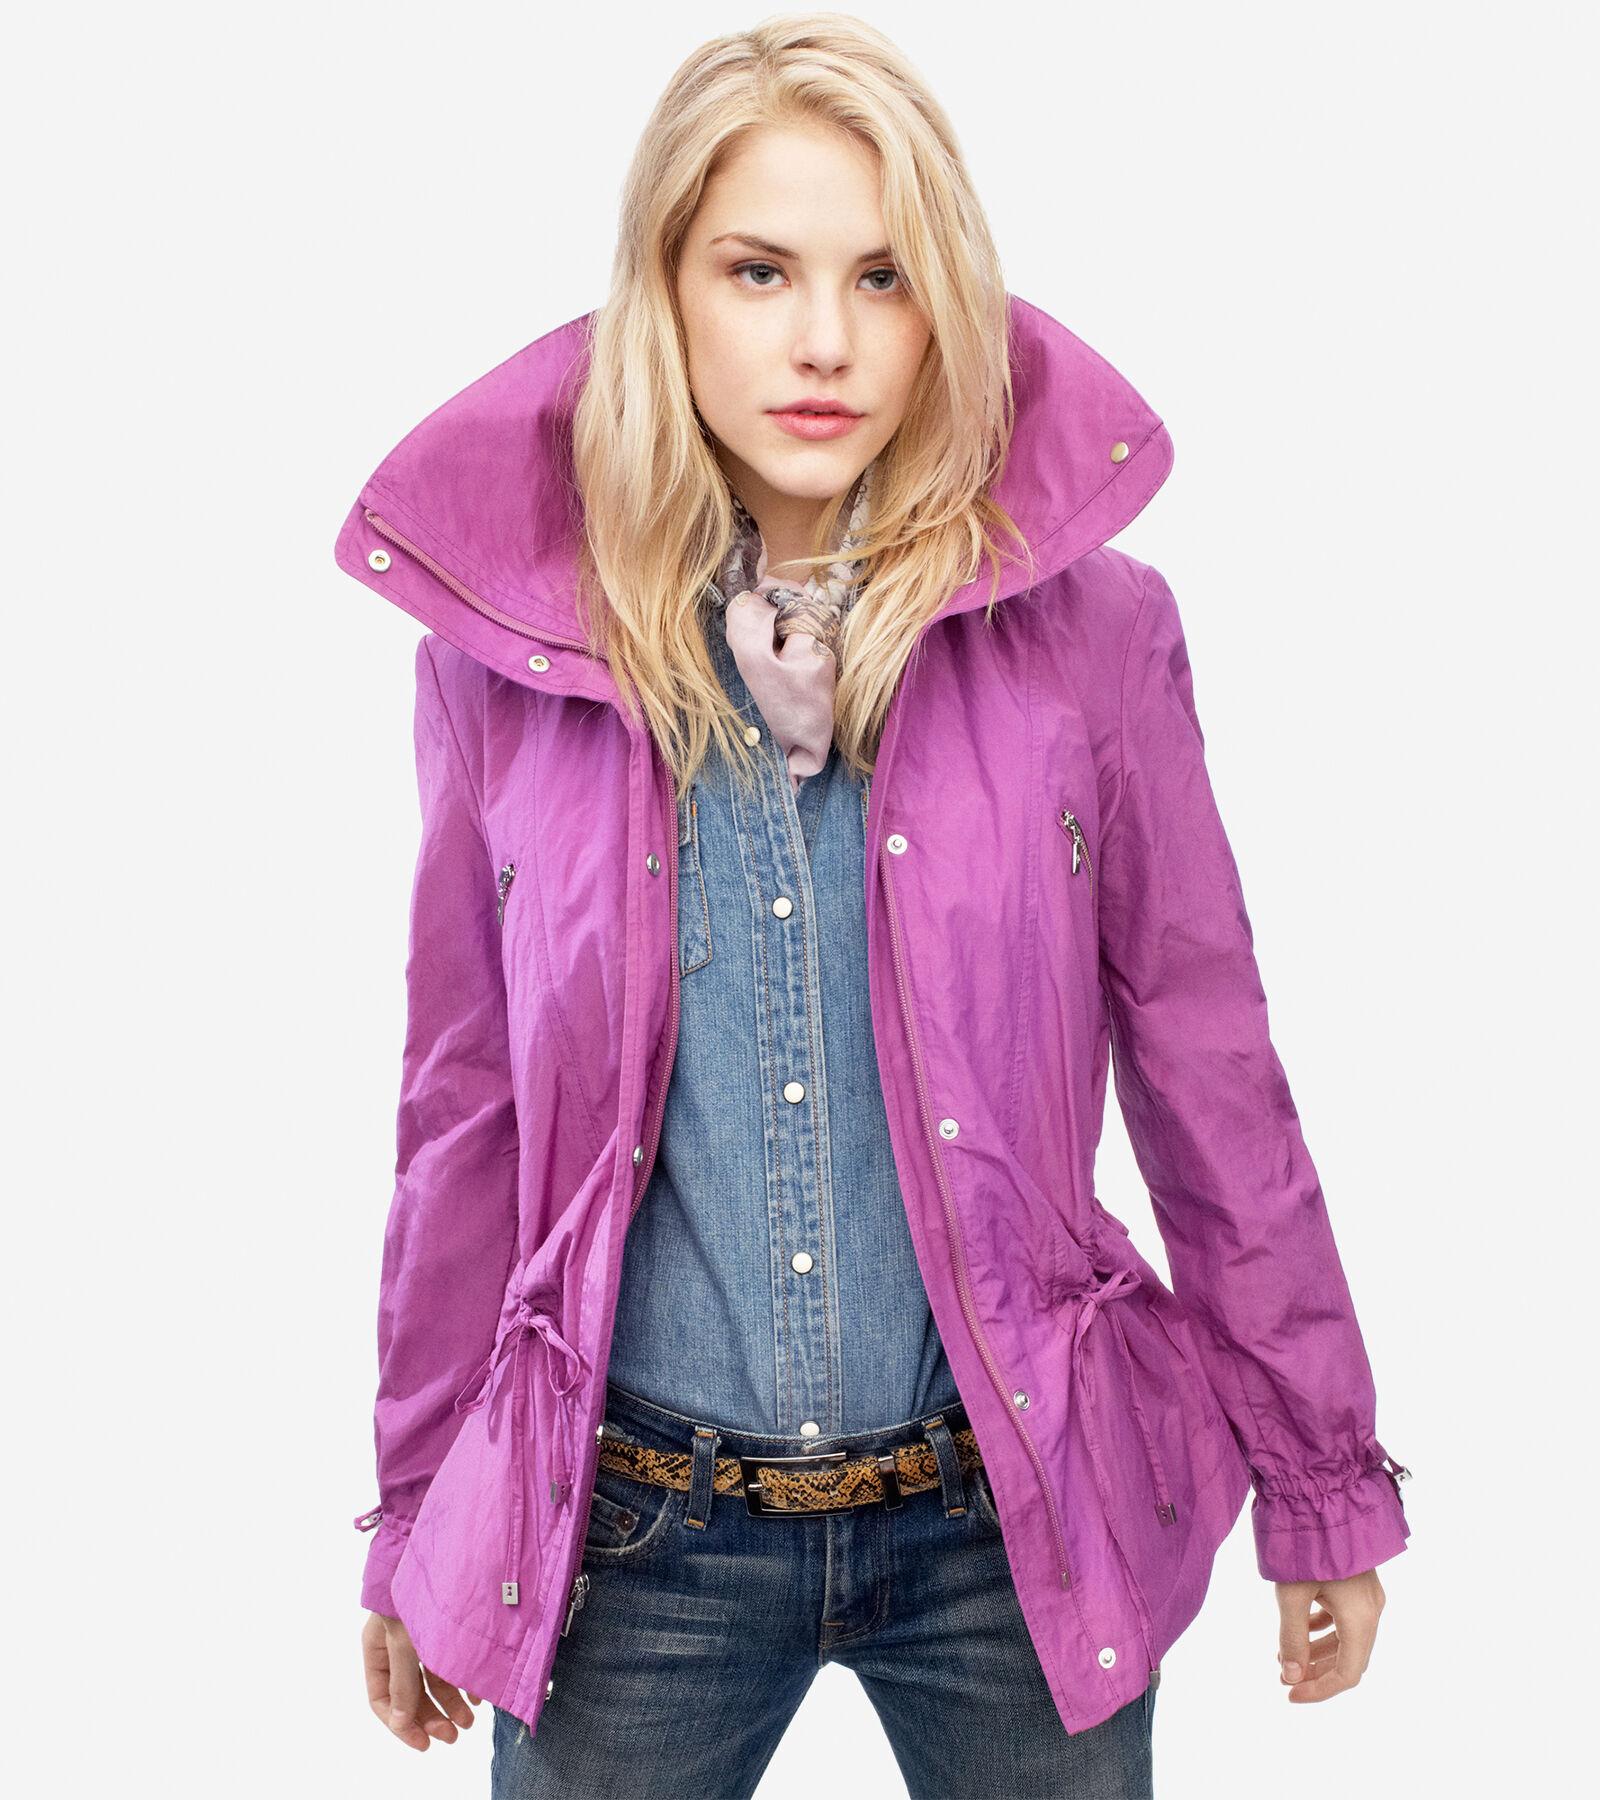 cole haan packable raincoat nordstrom rack